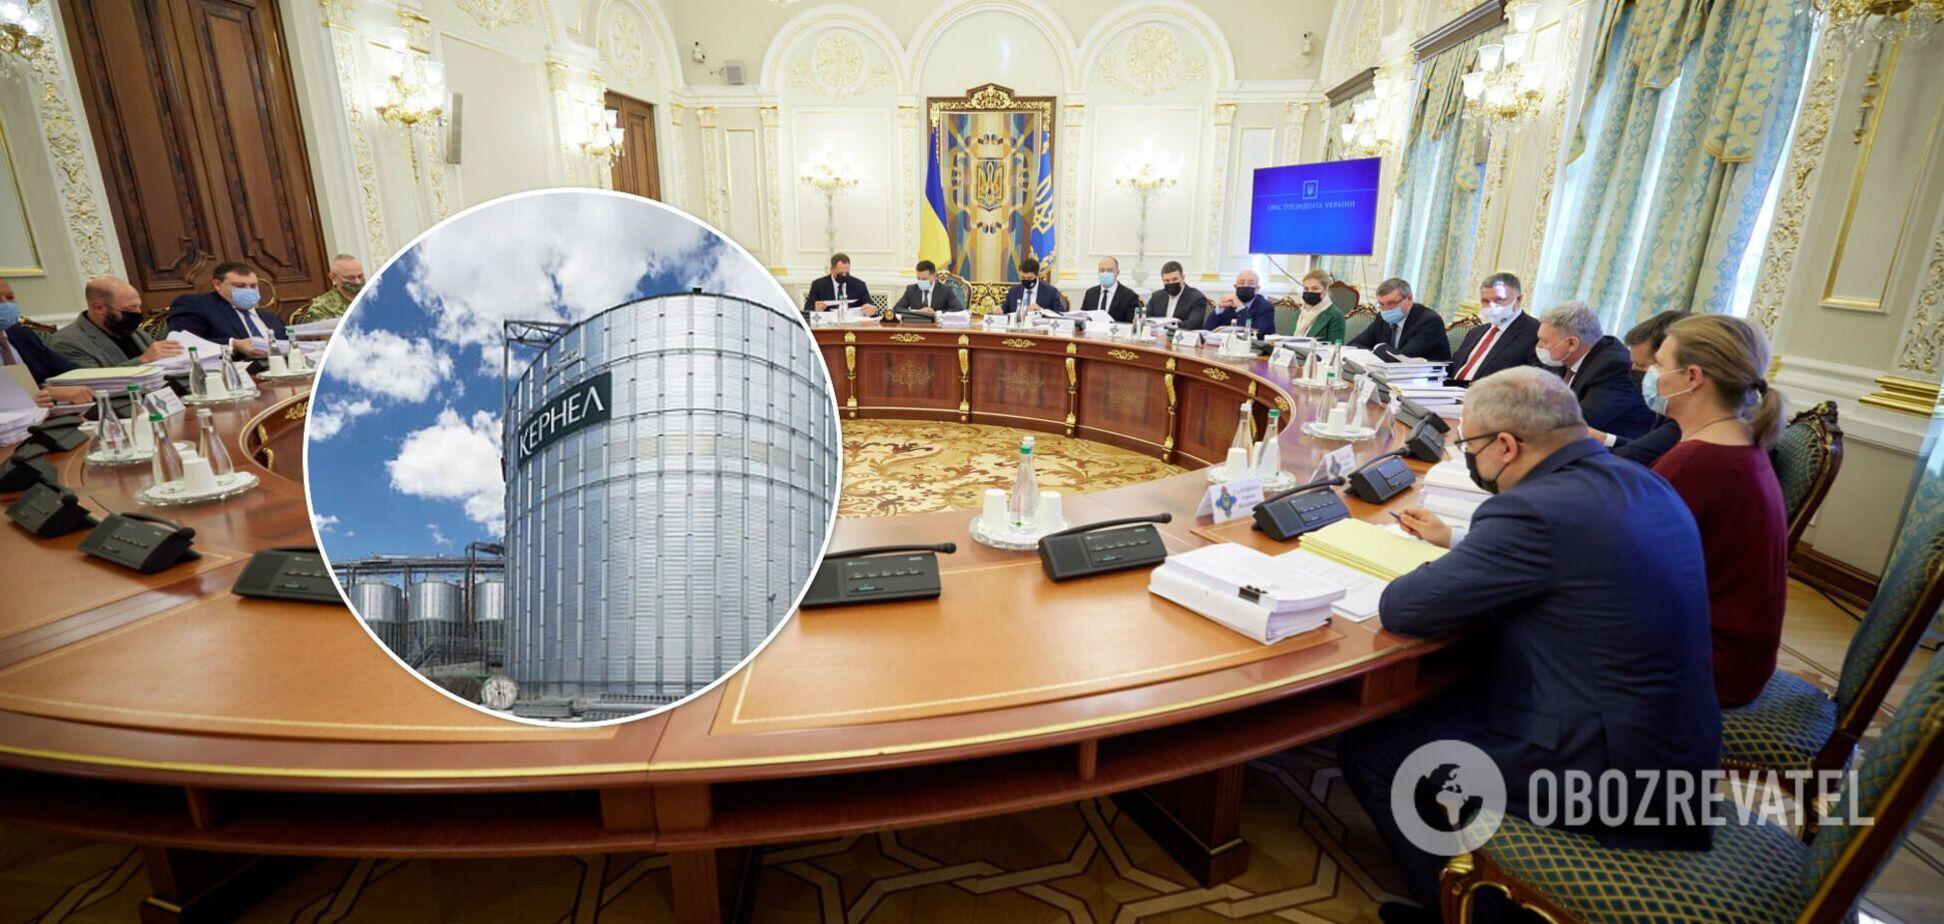 Найбільший український агрохолдинг 'Кернел Групп' Андрія Веревського може опинитись під санкціями РНБО